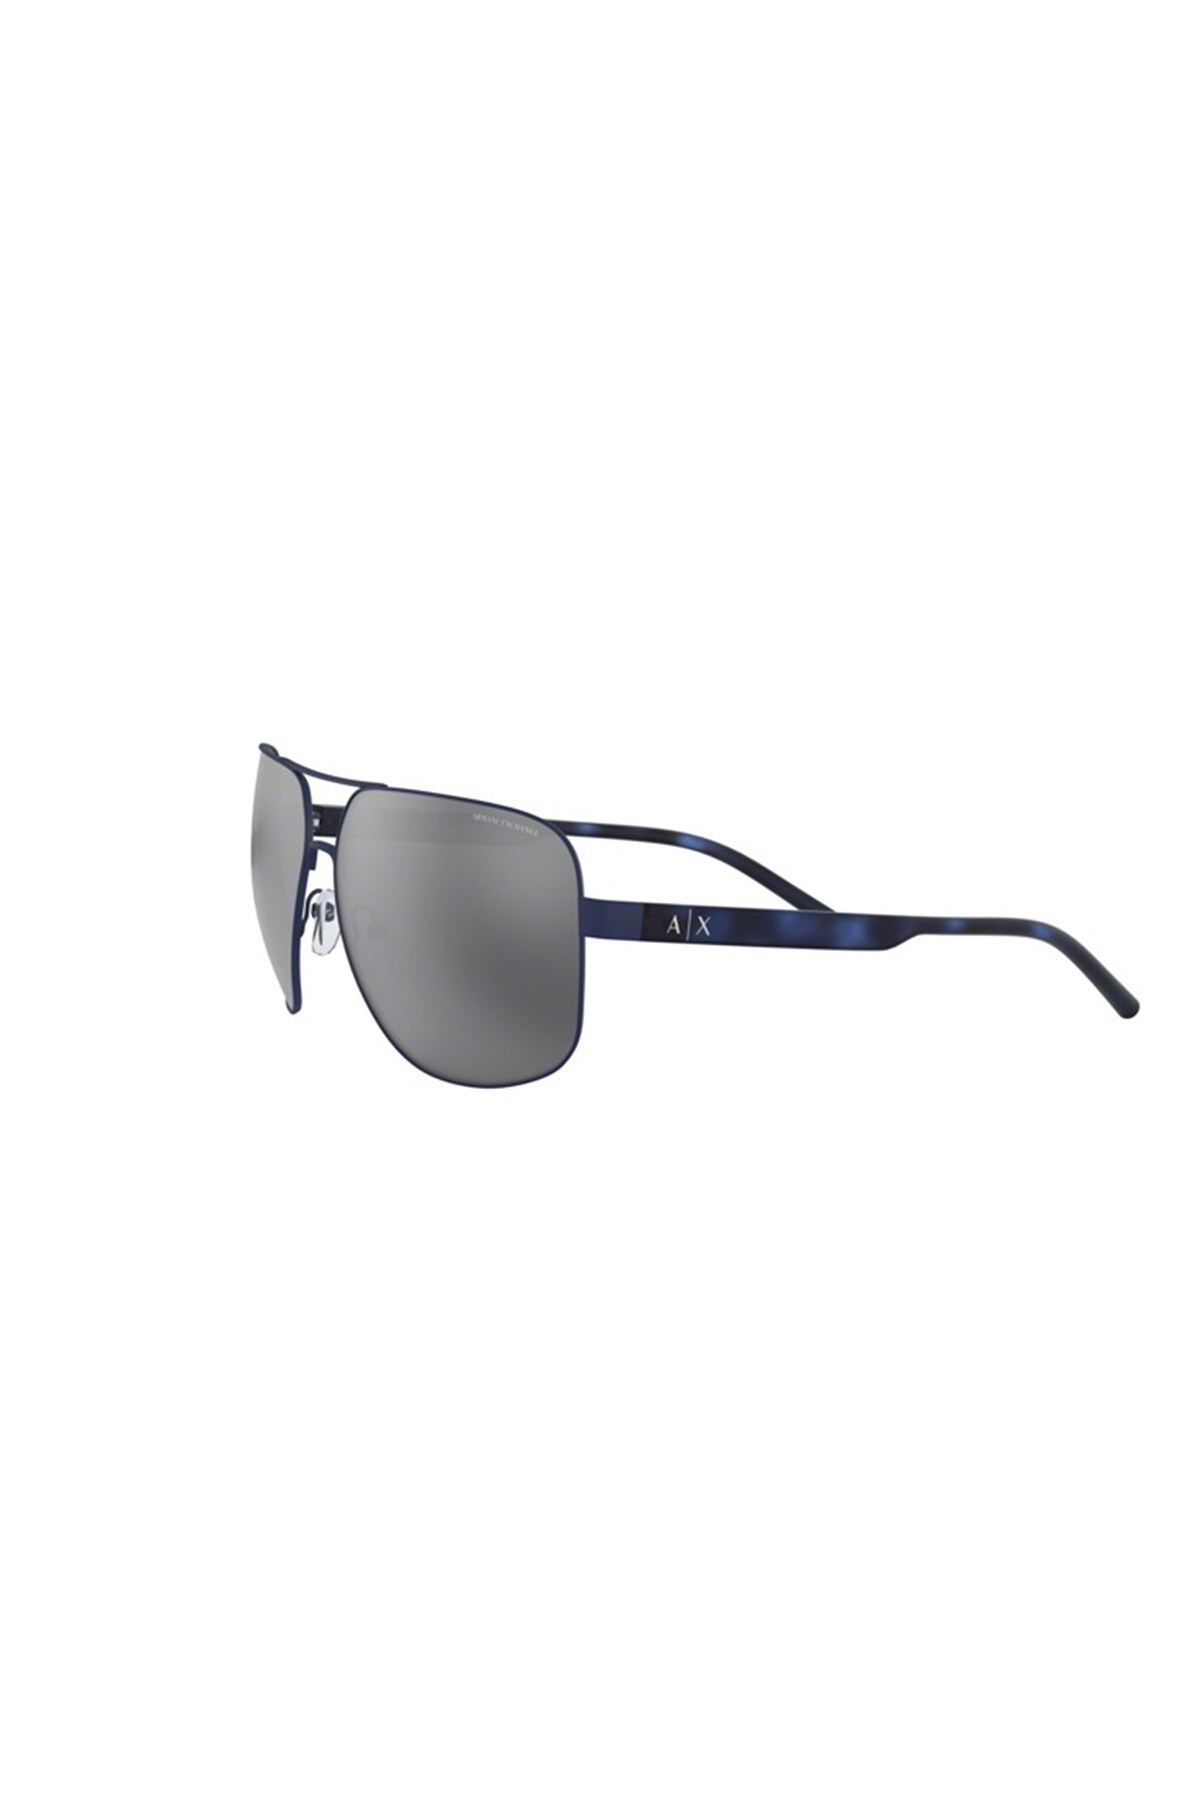 Armani Exchange Aynalı Erkek Gözlük 0AX2030S 61136G 64 LACİVERT